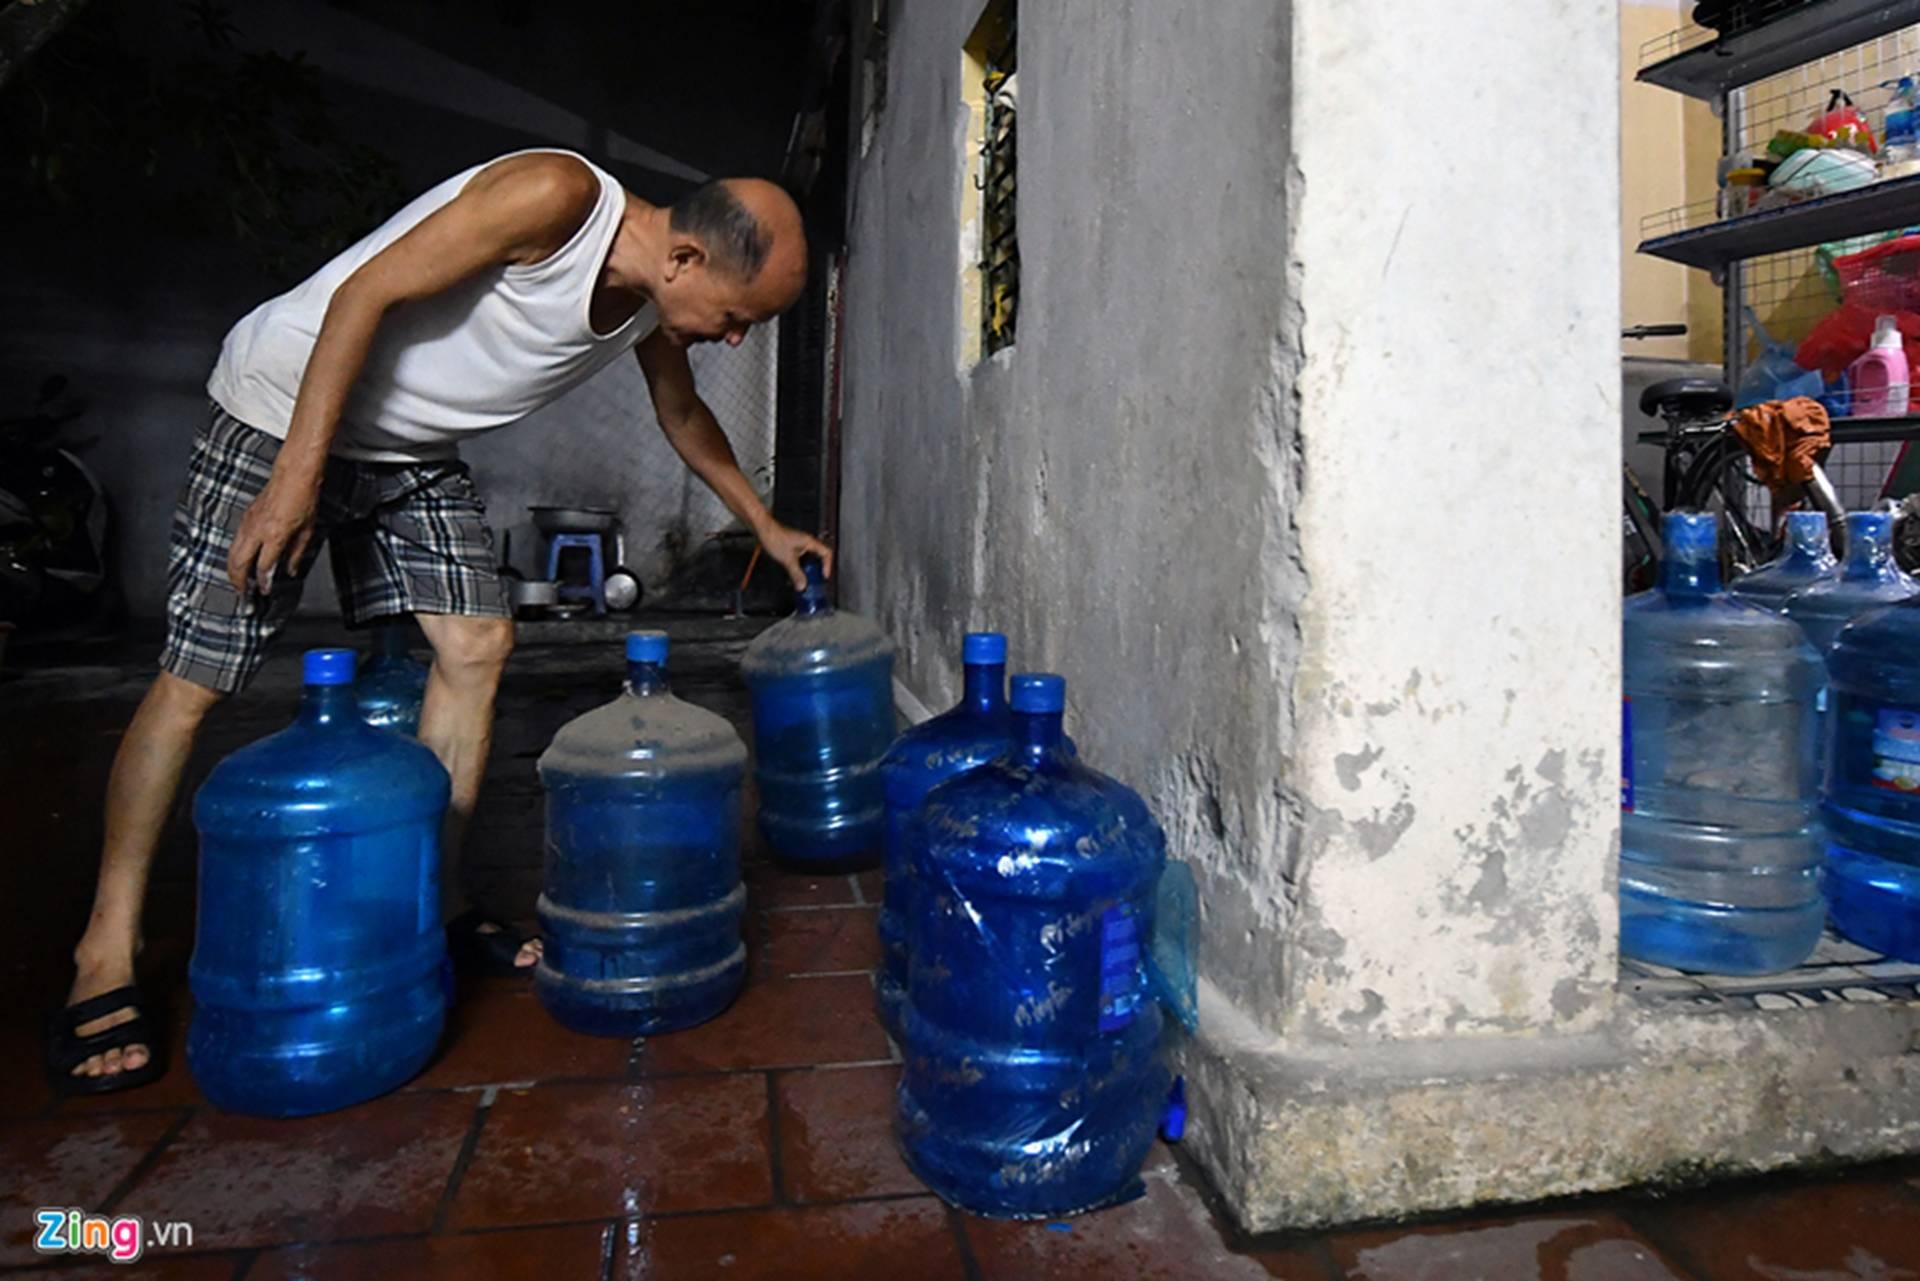 Cuộc sống người Hà Nội đảo lộn trong cơn khủng hoảng nước-23